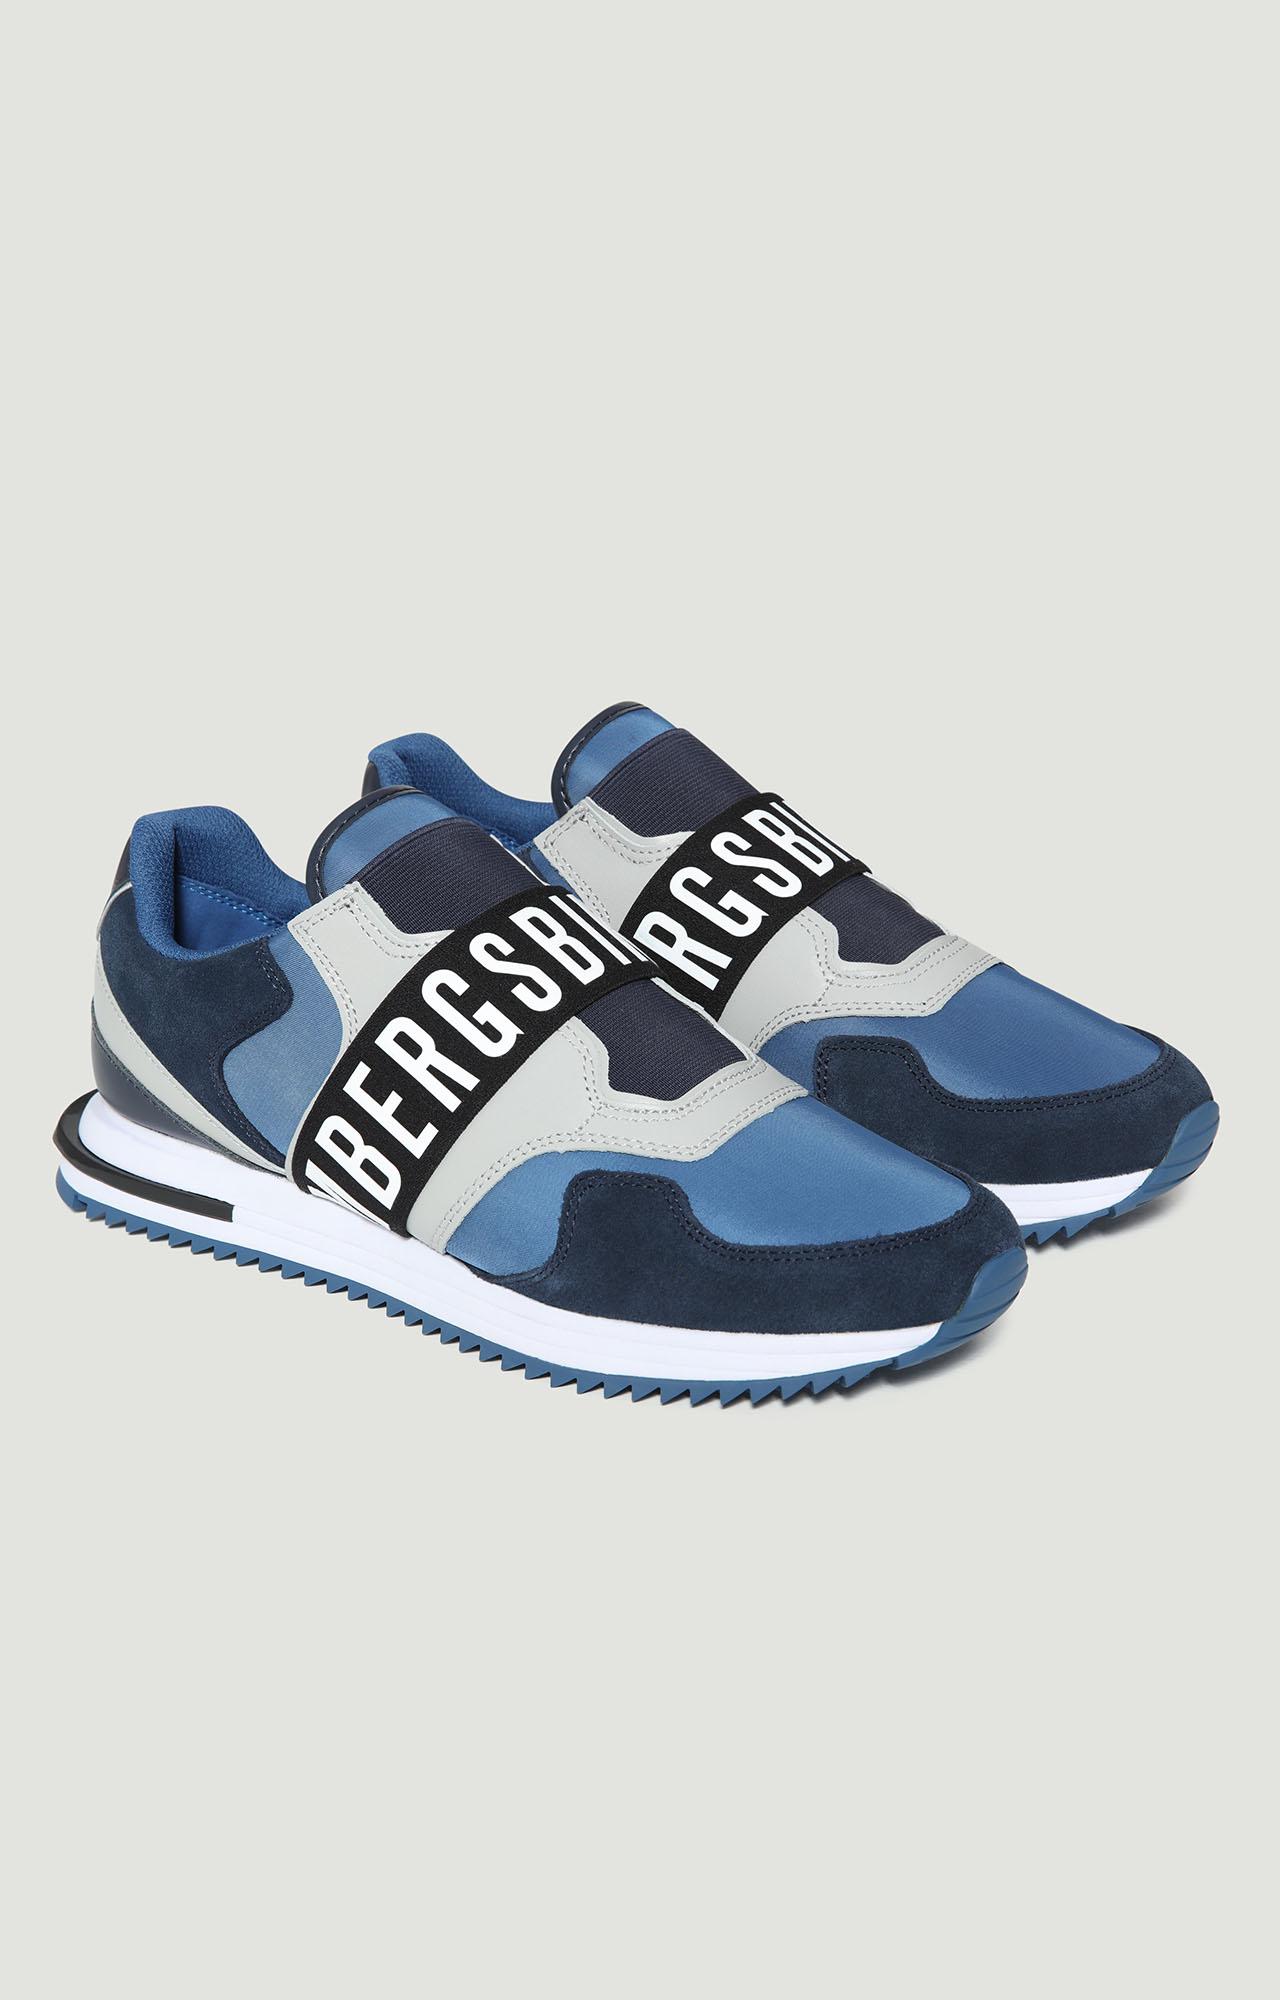 BIKKEMBERGS Haled Men/'s Sneakers Shoes Slip-ons in Black//White New